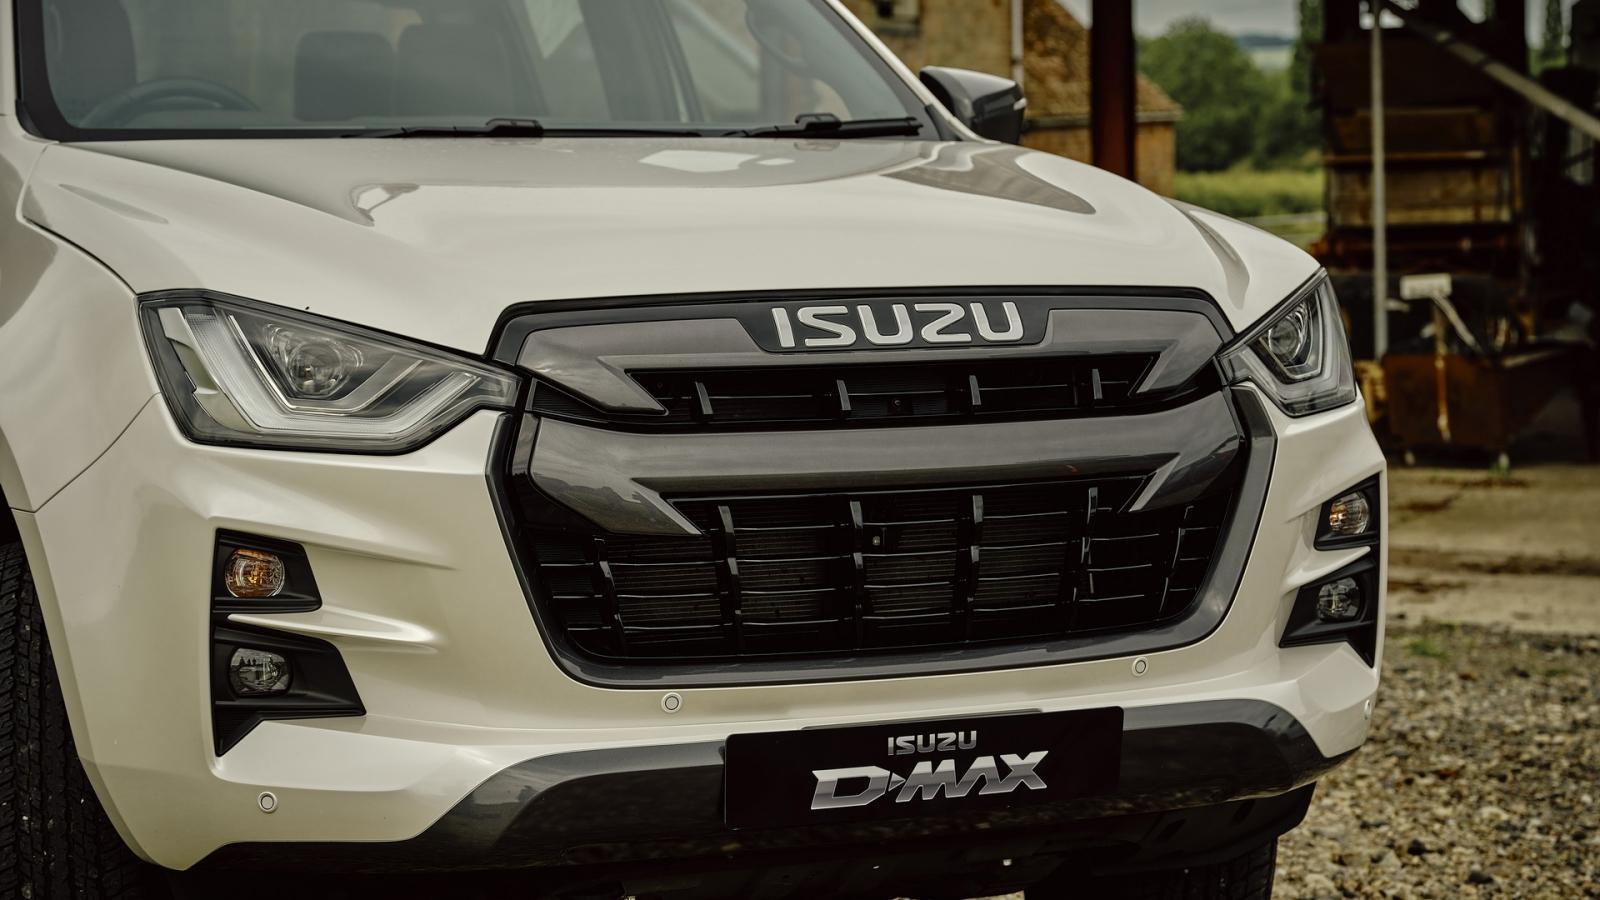 Bán tải Isuzu D-Max 2021 hoàn toàn mới chính thức ra mắt